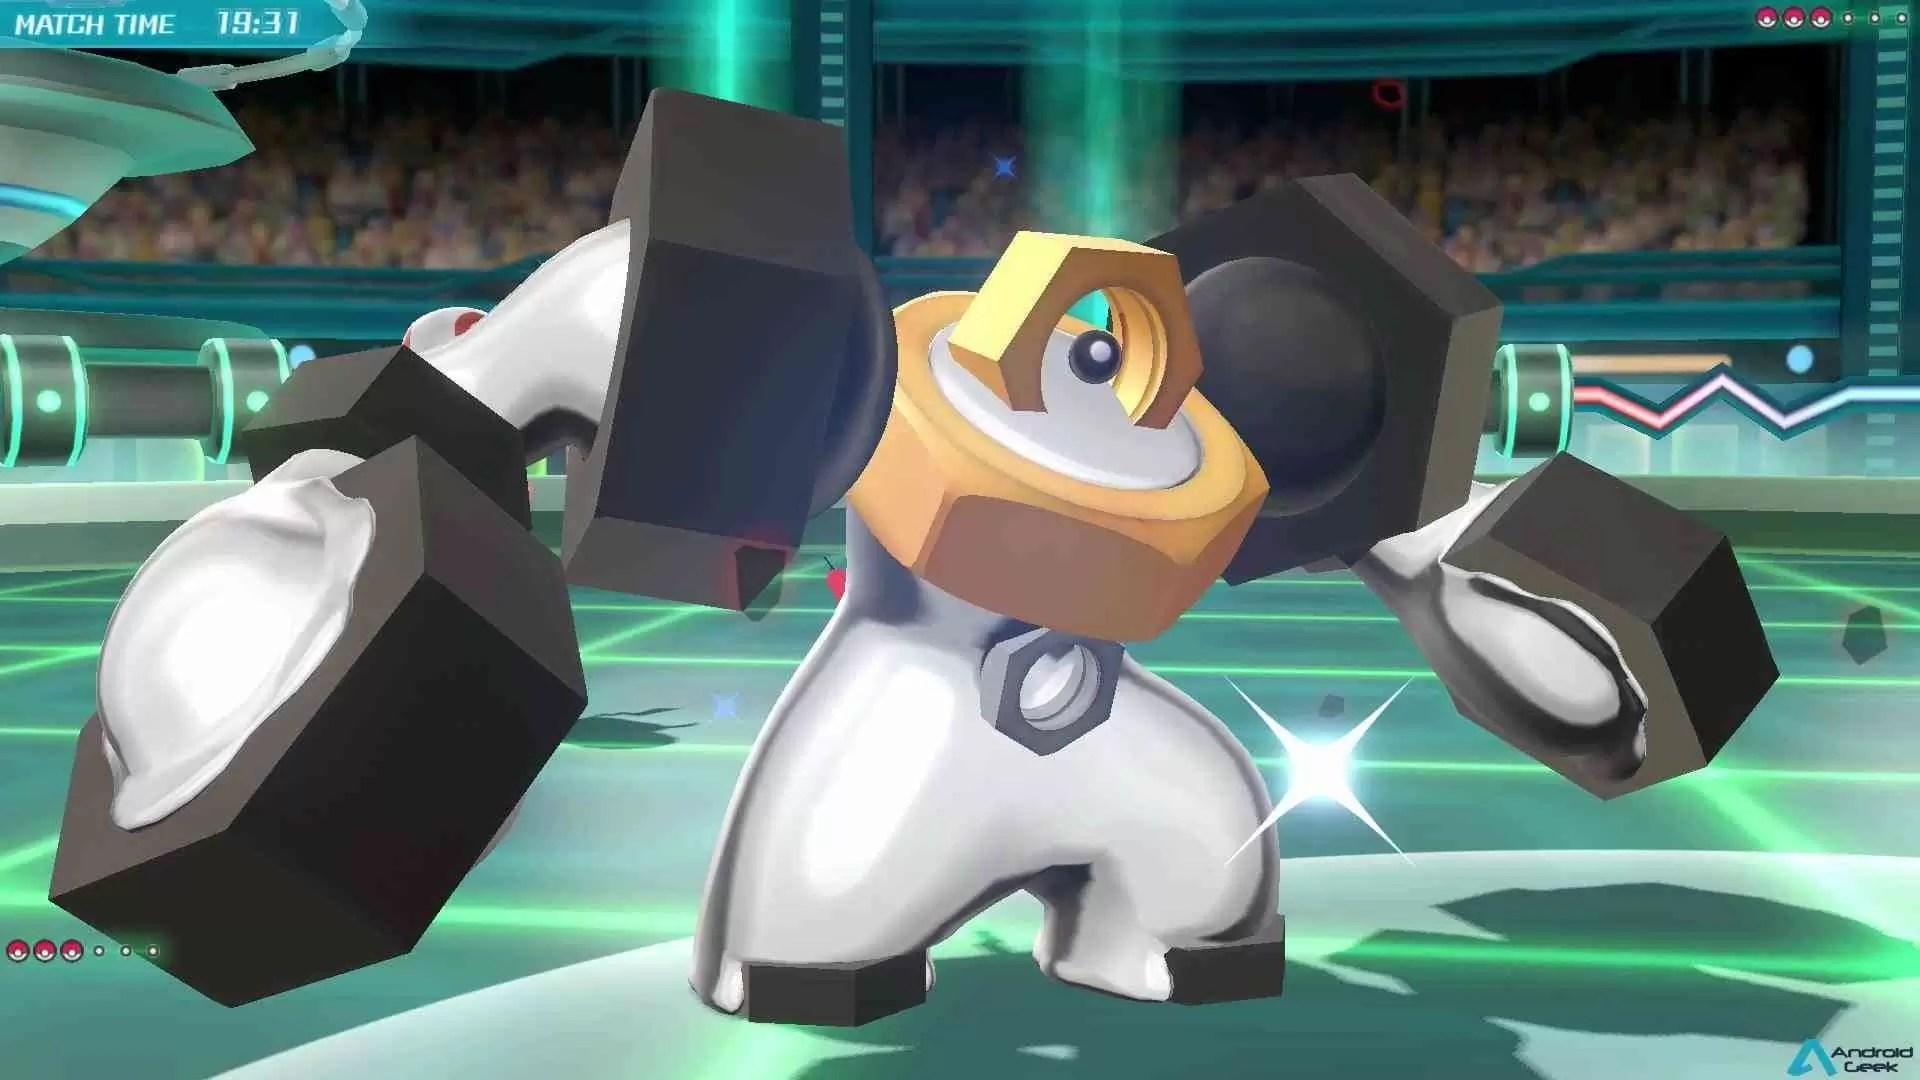 Descoberto o Melmetal, a evolução do Pokémon mítico Meltan! 1